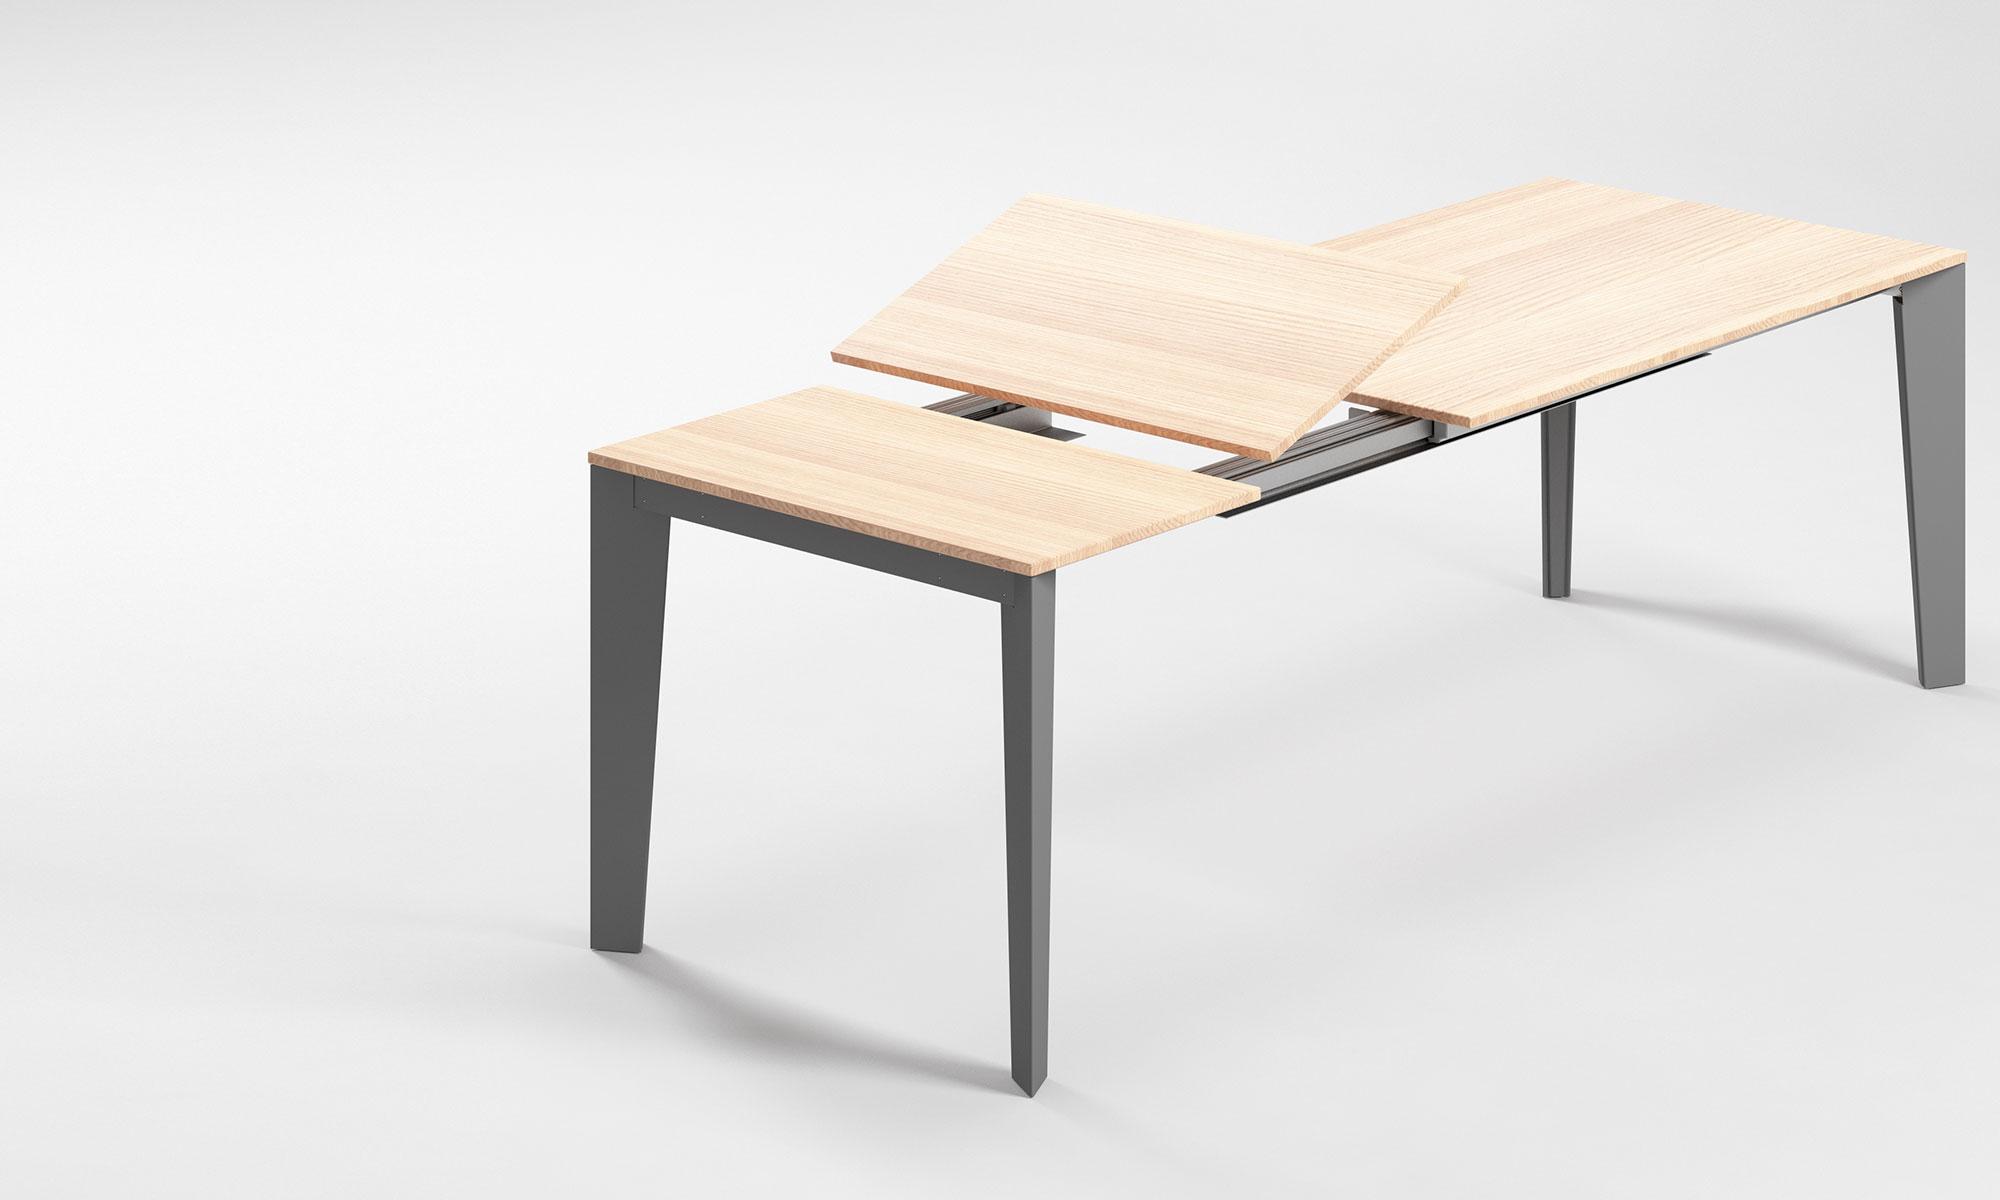 Tavolo Con Gamba Centrale Allungabile meccanismi per tavoli allungabili | evomet srl